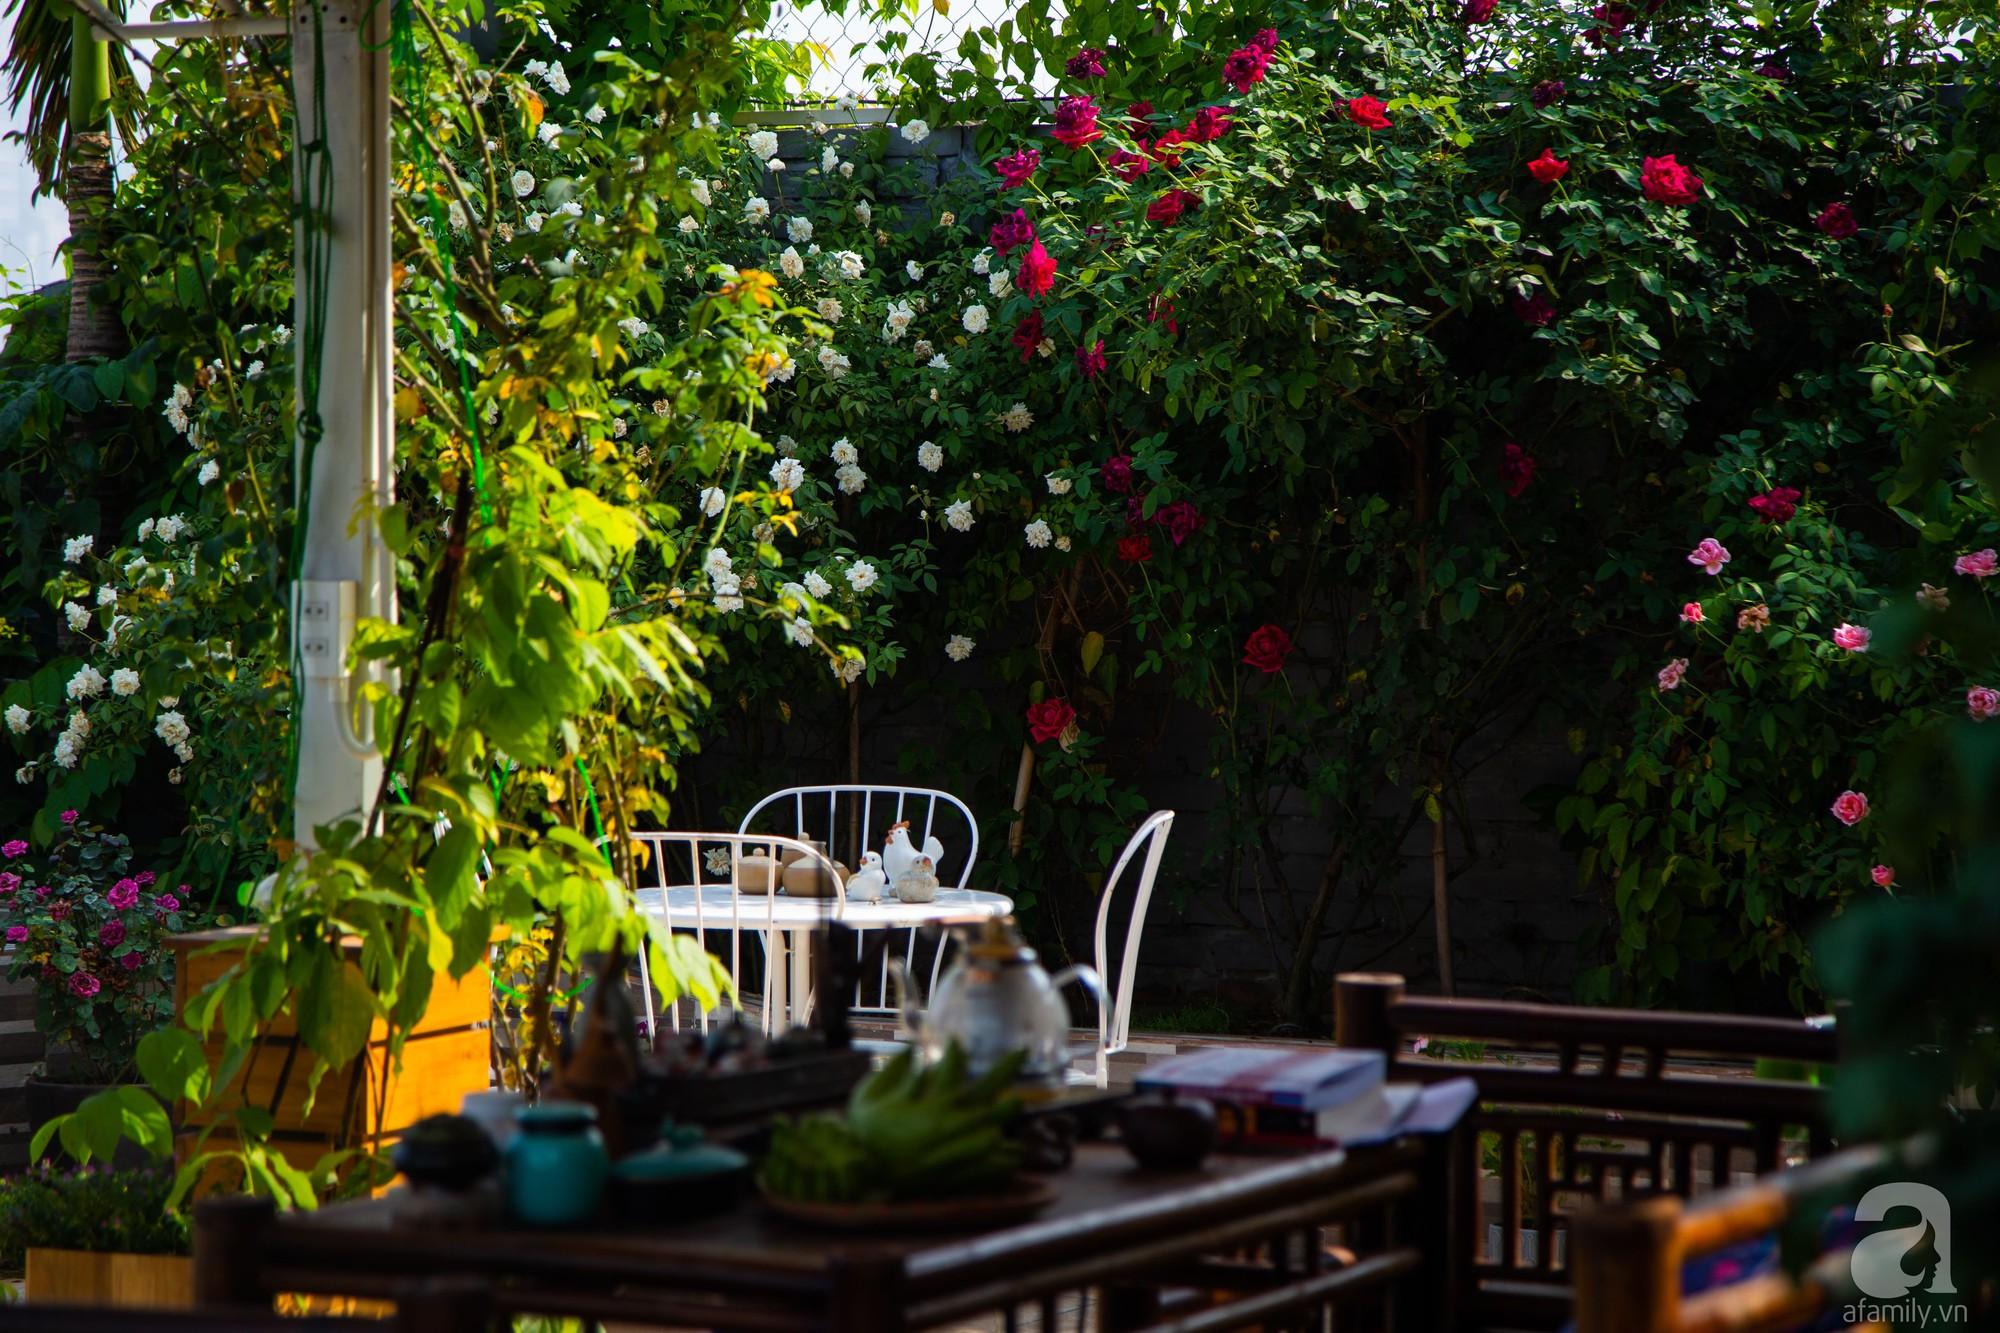 Khu vườn trên sân thượng rộng 200m² đẹp ngỡ ngàng với trăm loài hoa đua nhau khoe sắc ở Hà Nội - 10